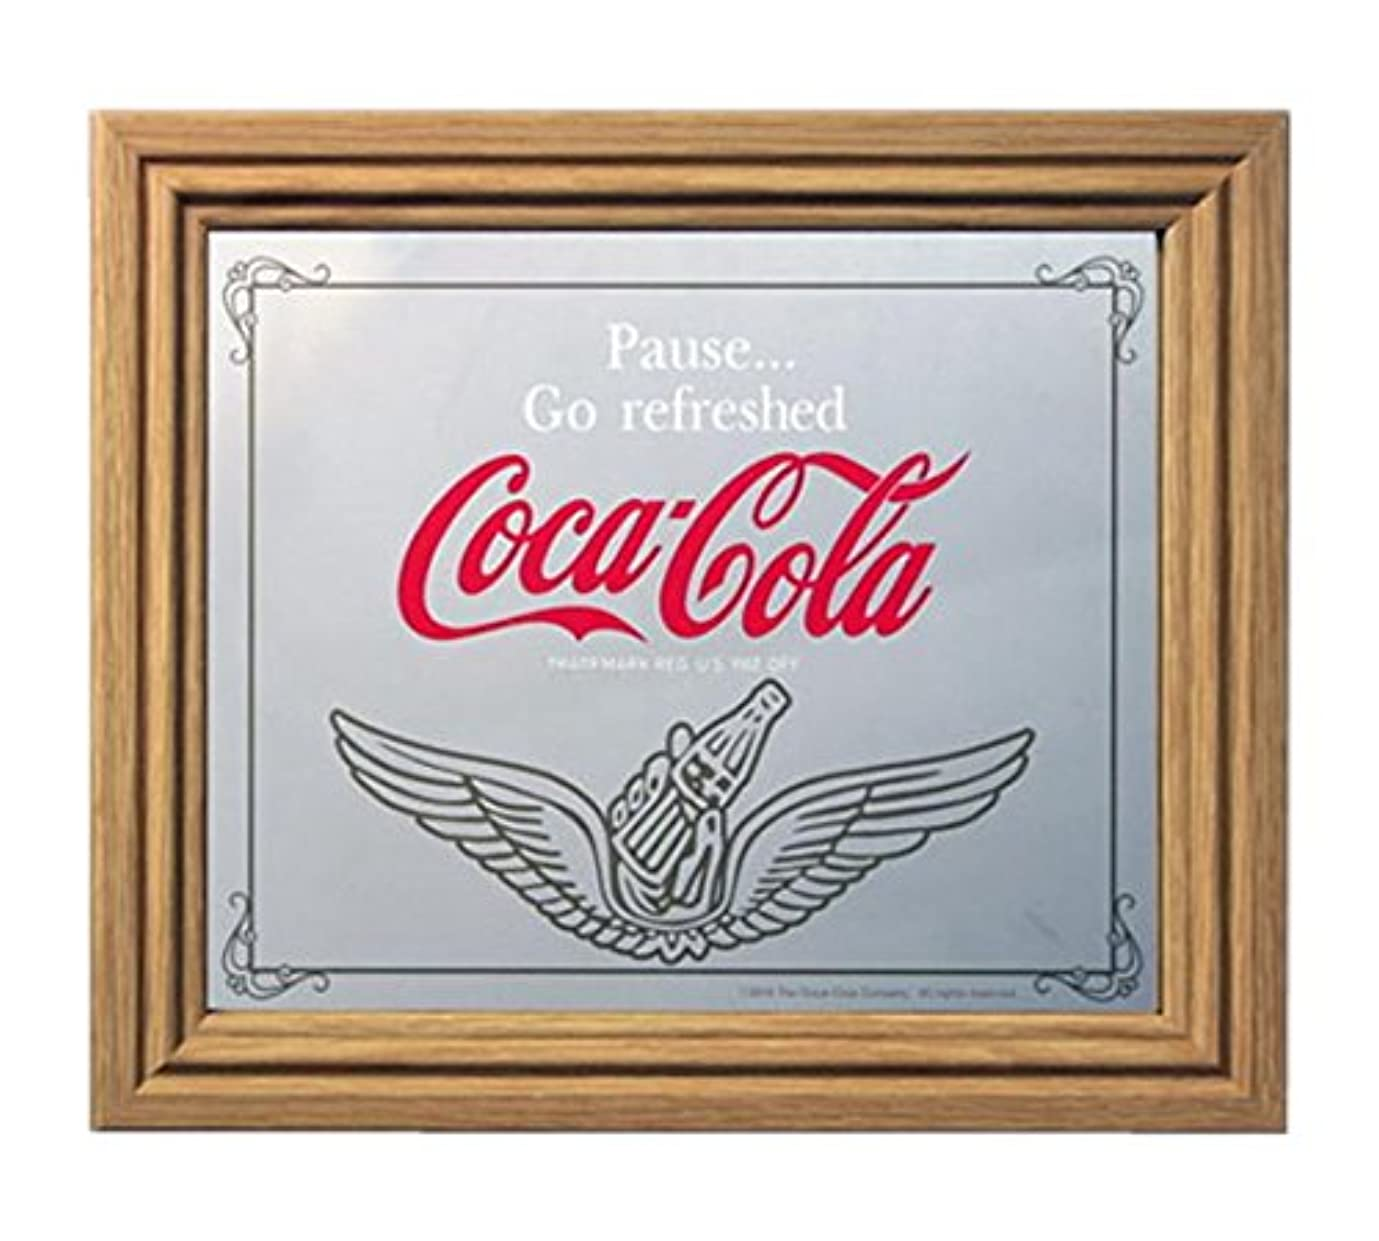 壁紙薬用割り当てコカコーラ ミラー?鏡 ミラー 35×30×2.5cm